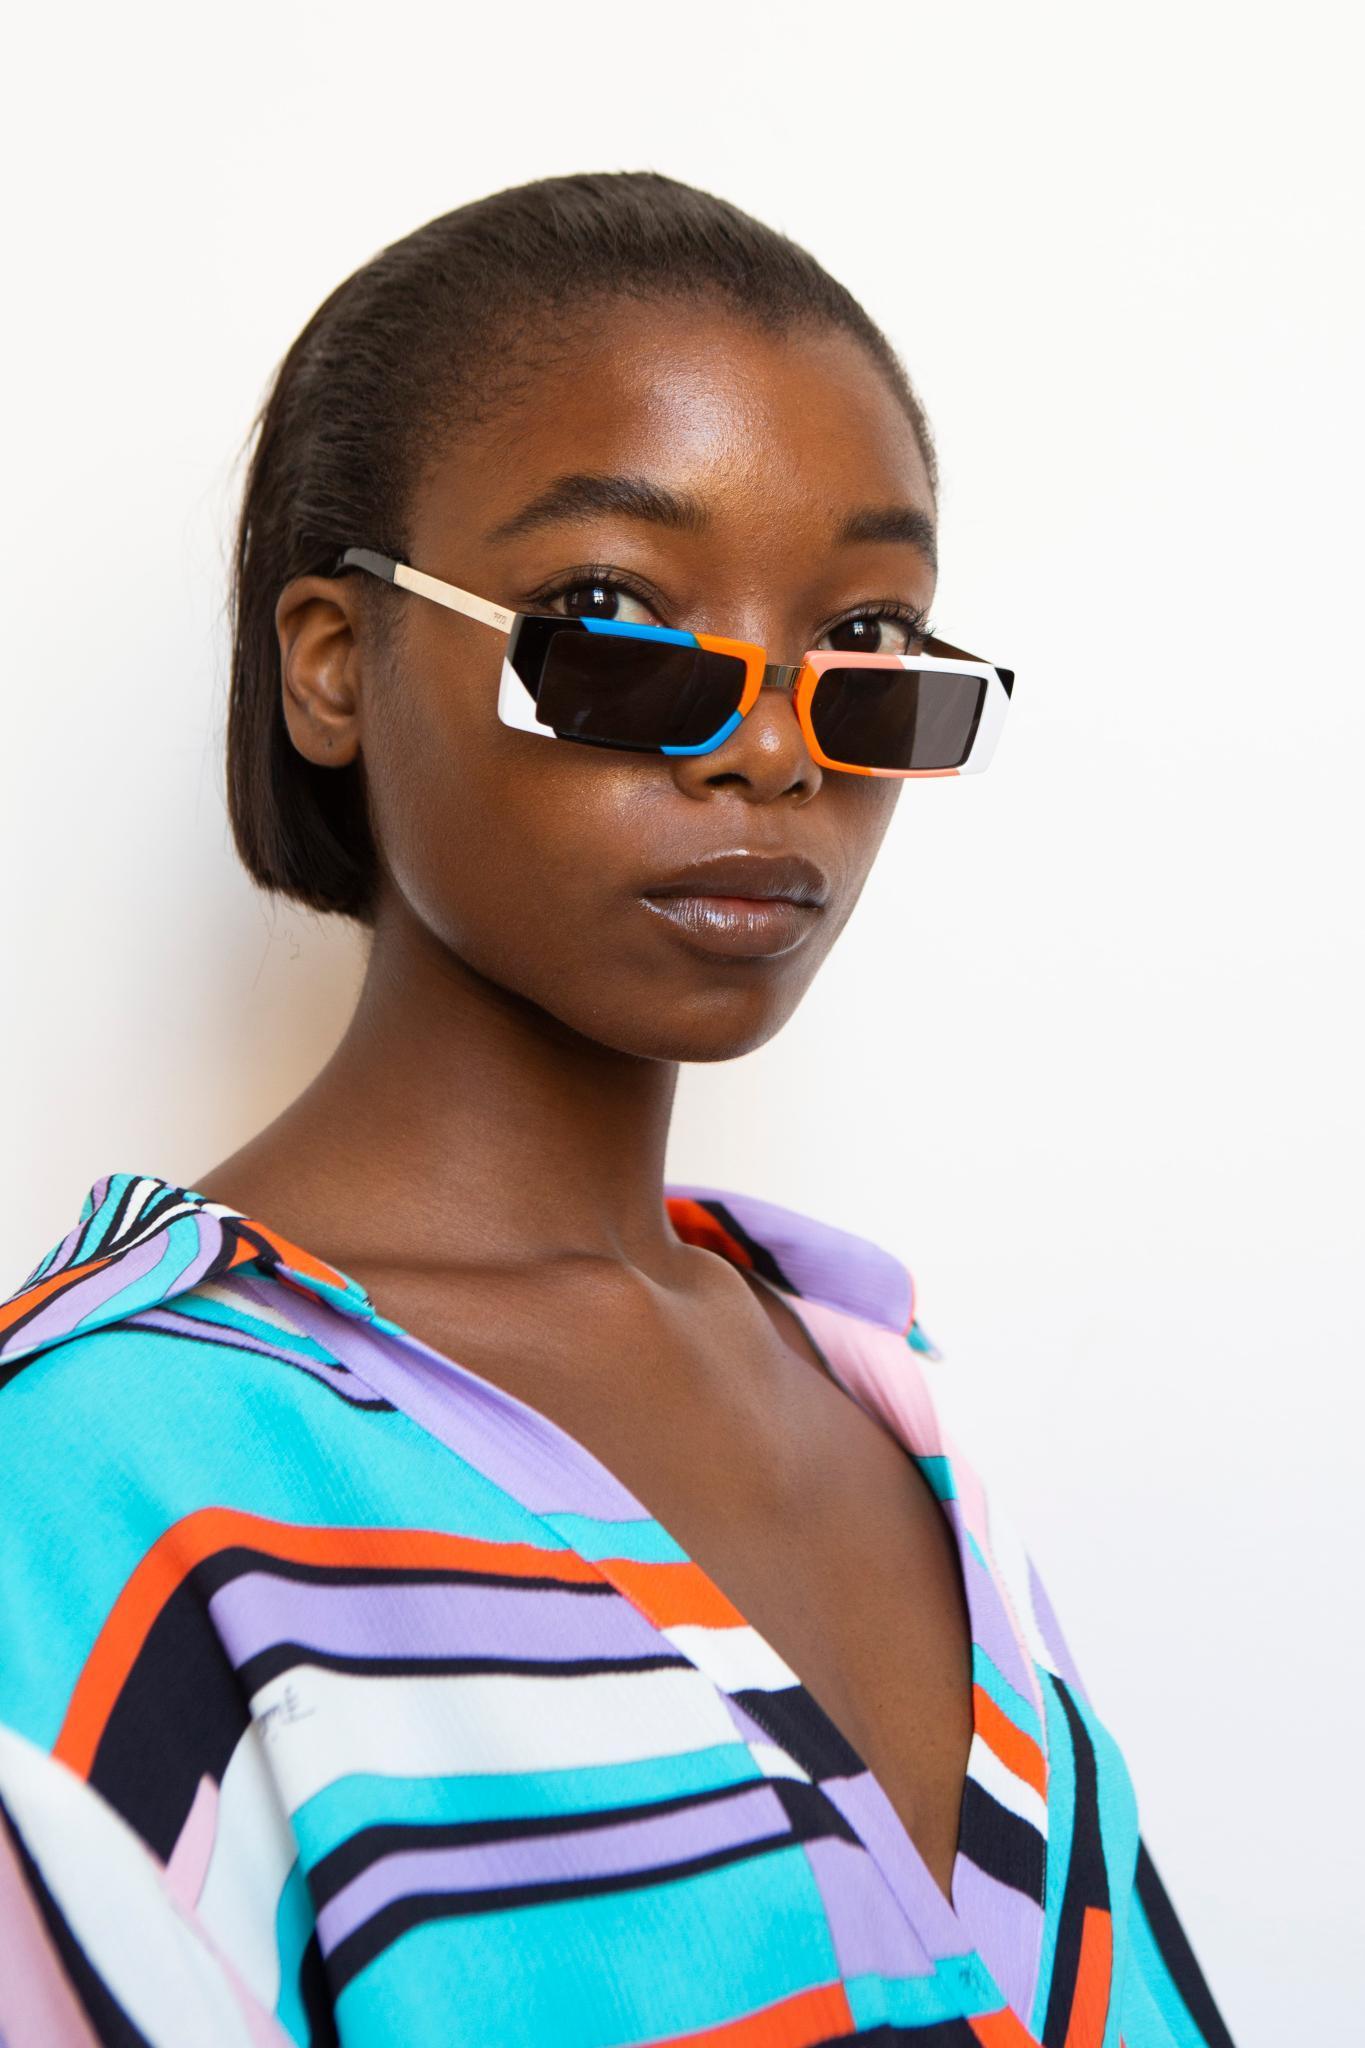 Idées de cheveux noirs courts : modèle noir avec un bob droit peigné en arrière et portant des lunettes.